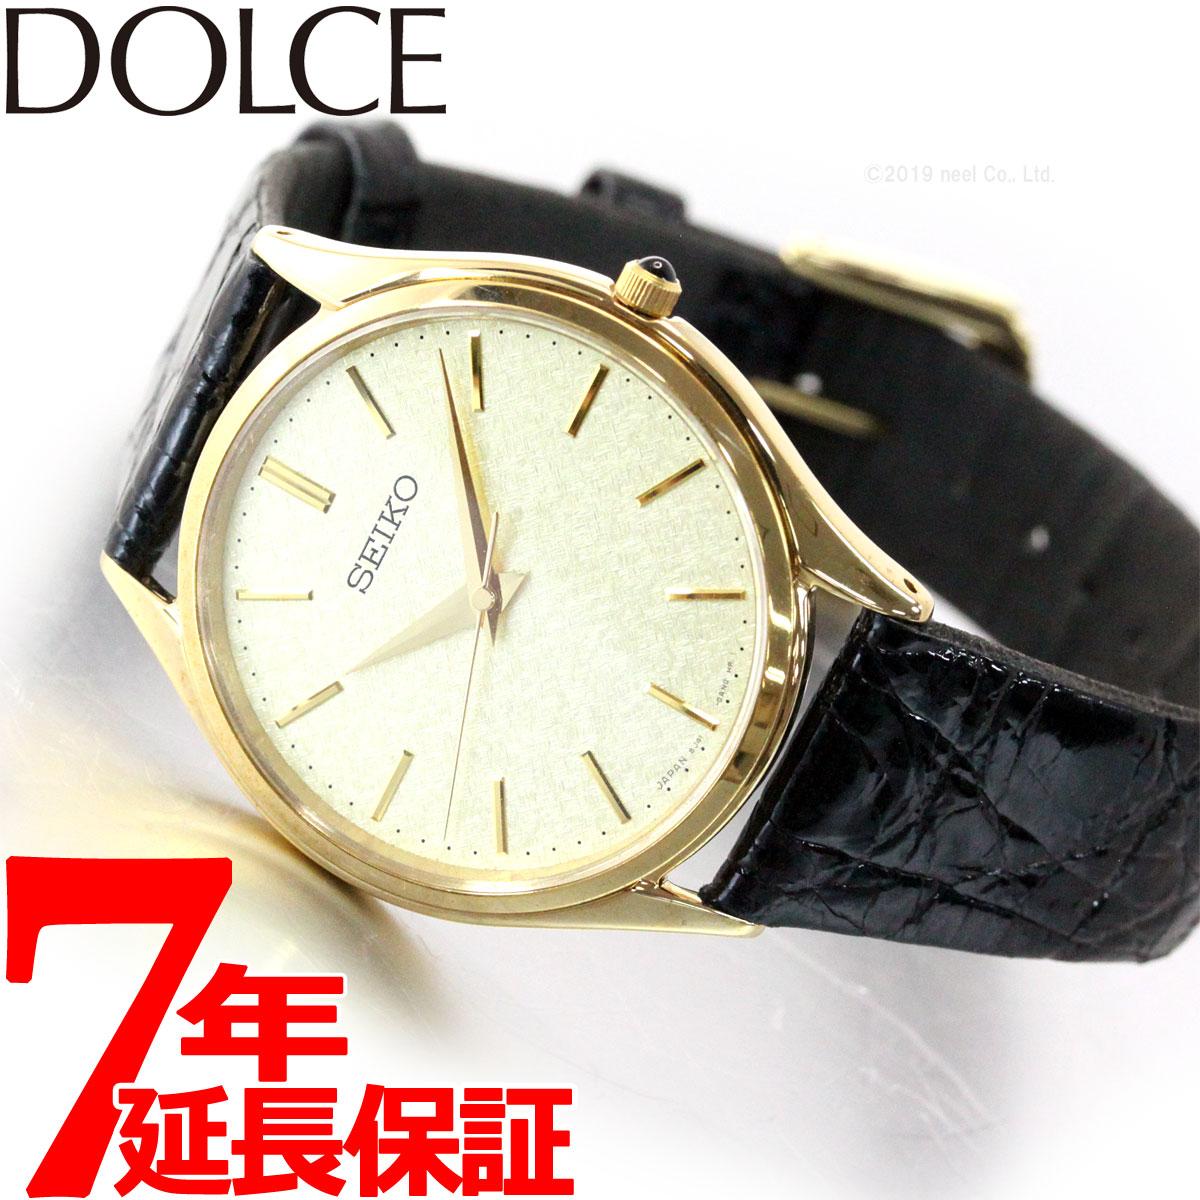 腕時計, メンズ腕時計 5000OFF37.5 SEIKO DOLCEEXCELINE SACM150